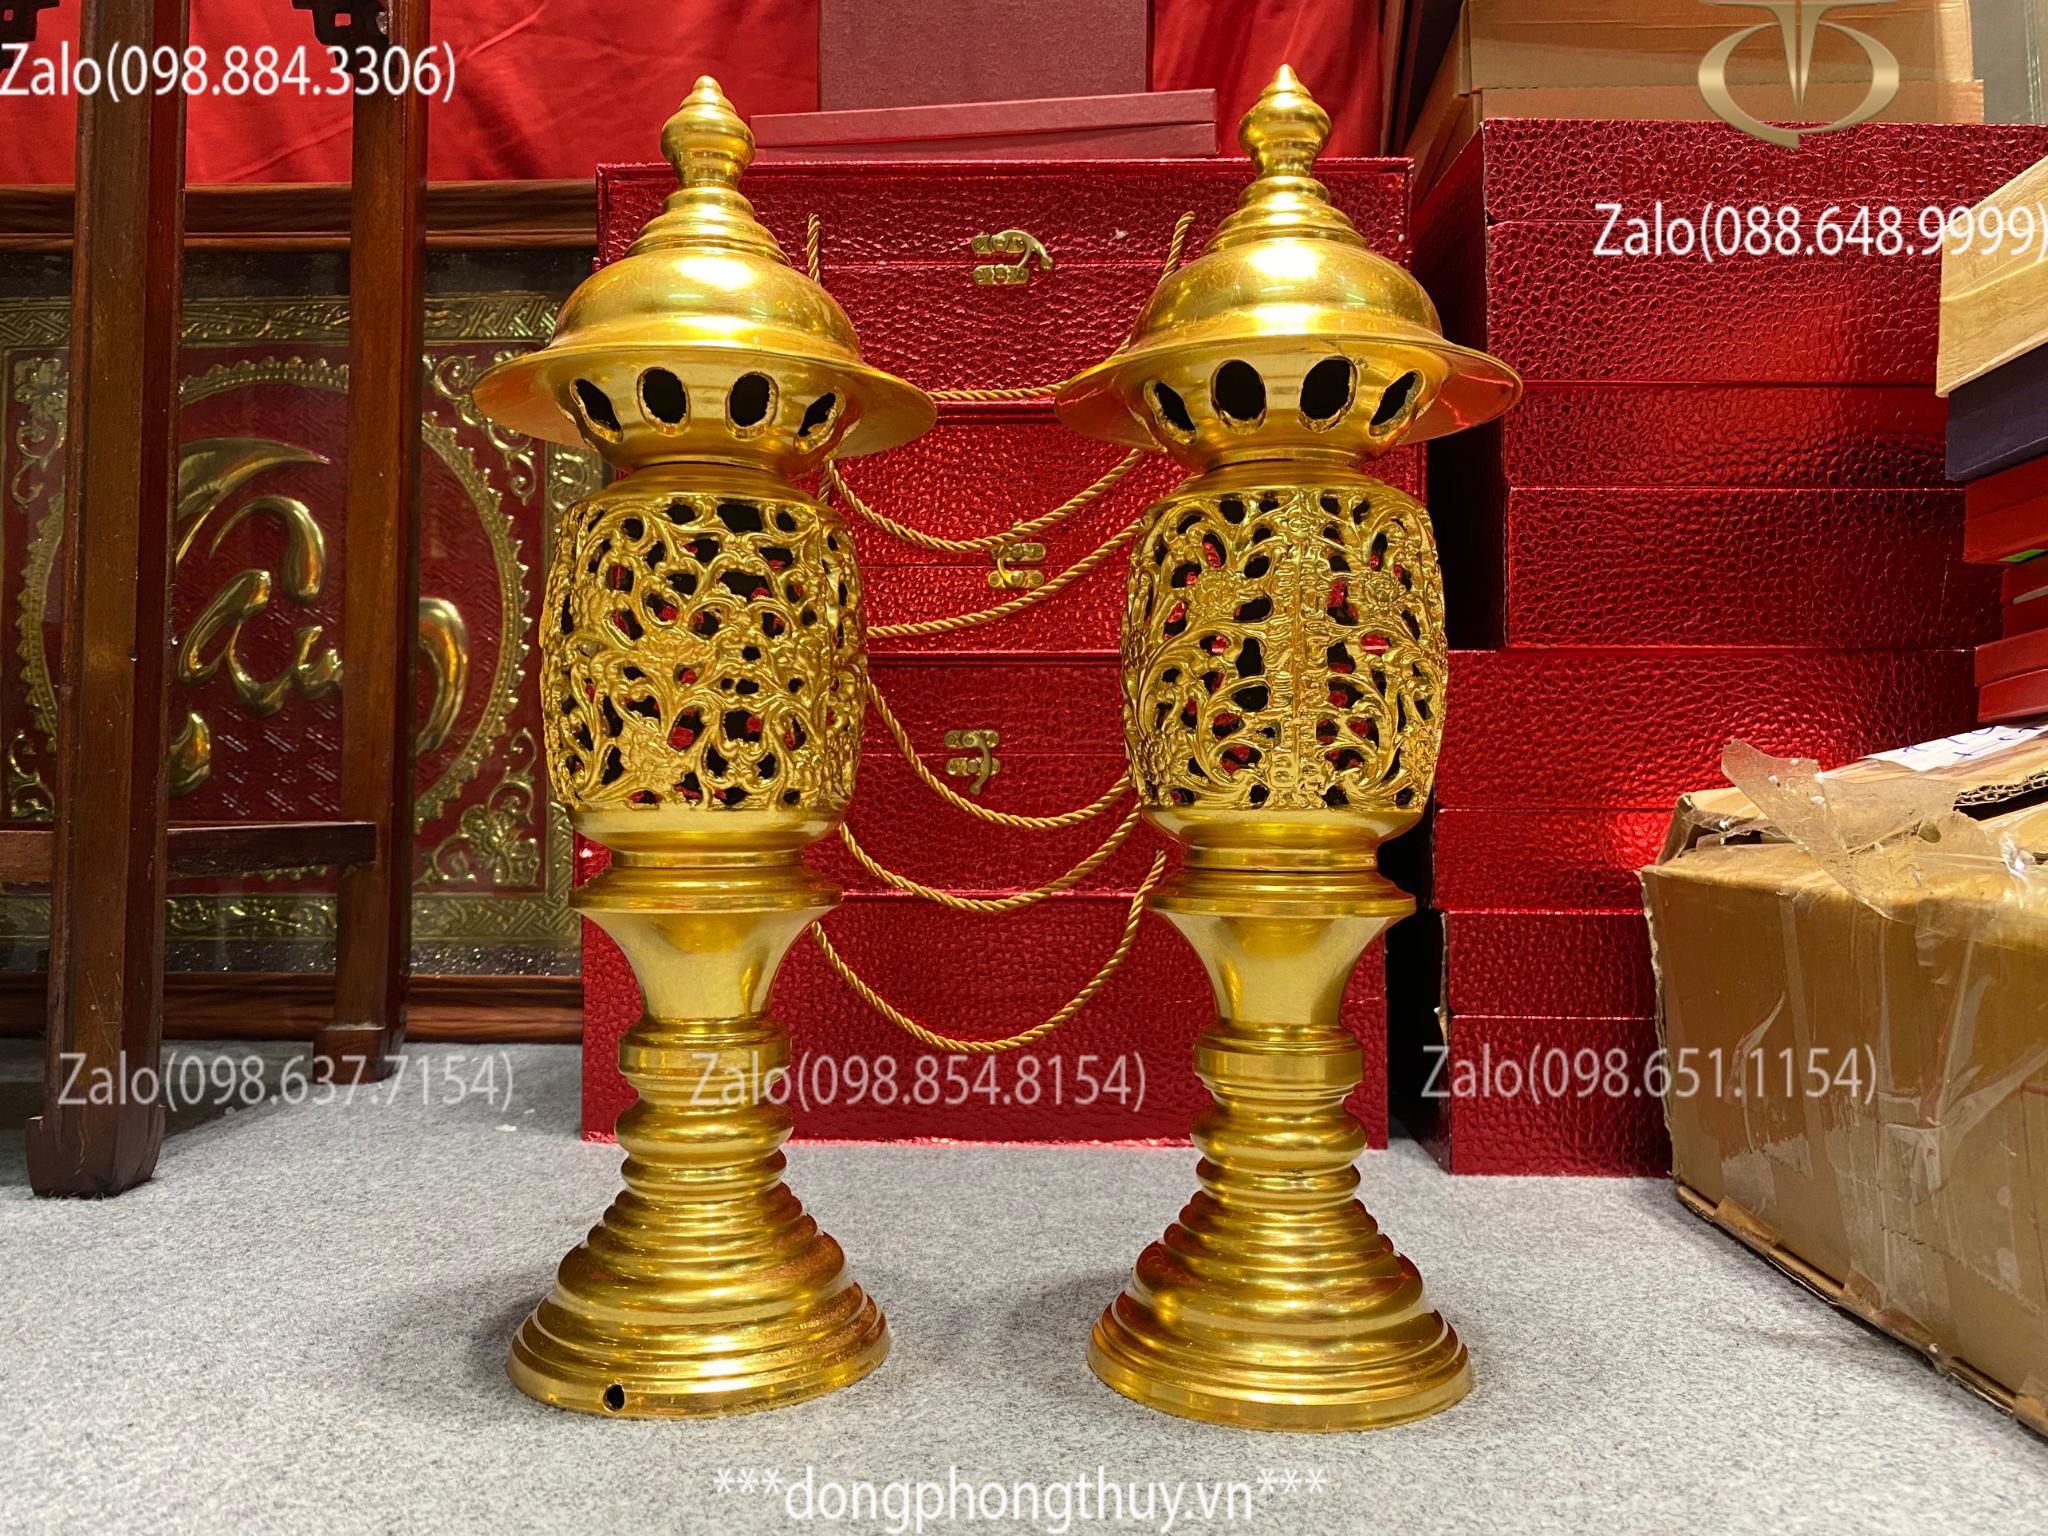 Đèn thờ bằng đồng 43cm thếp Vàng 24k